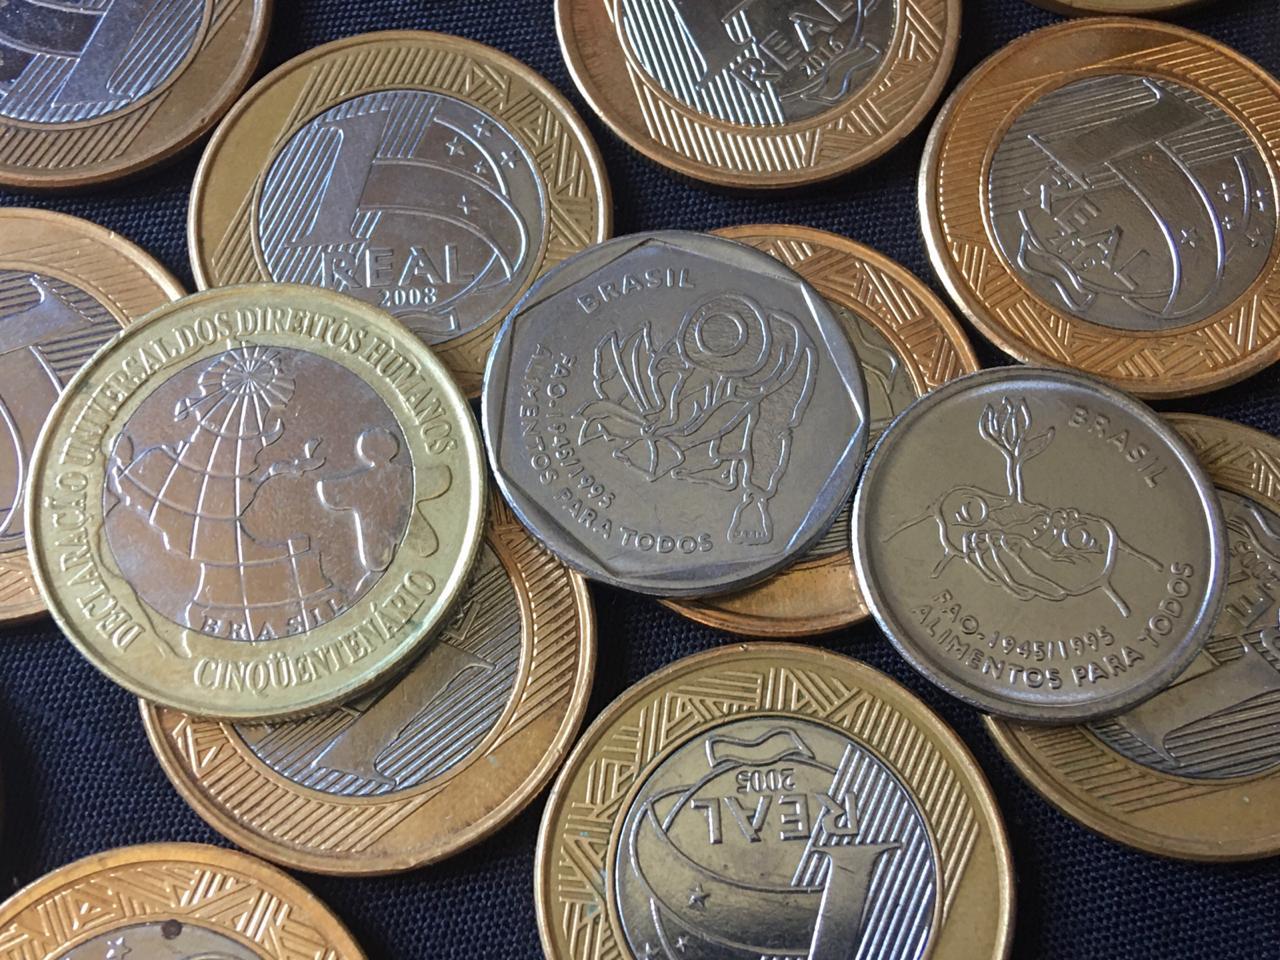 Em destaque, moedas comemorativas do Real com baixa tiragem